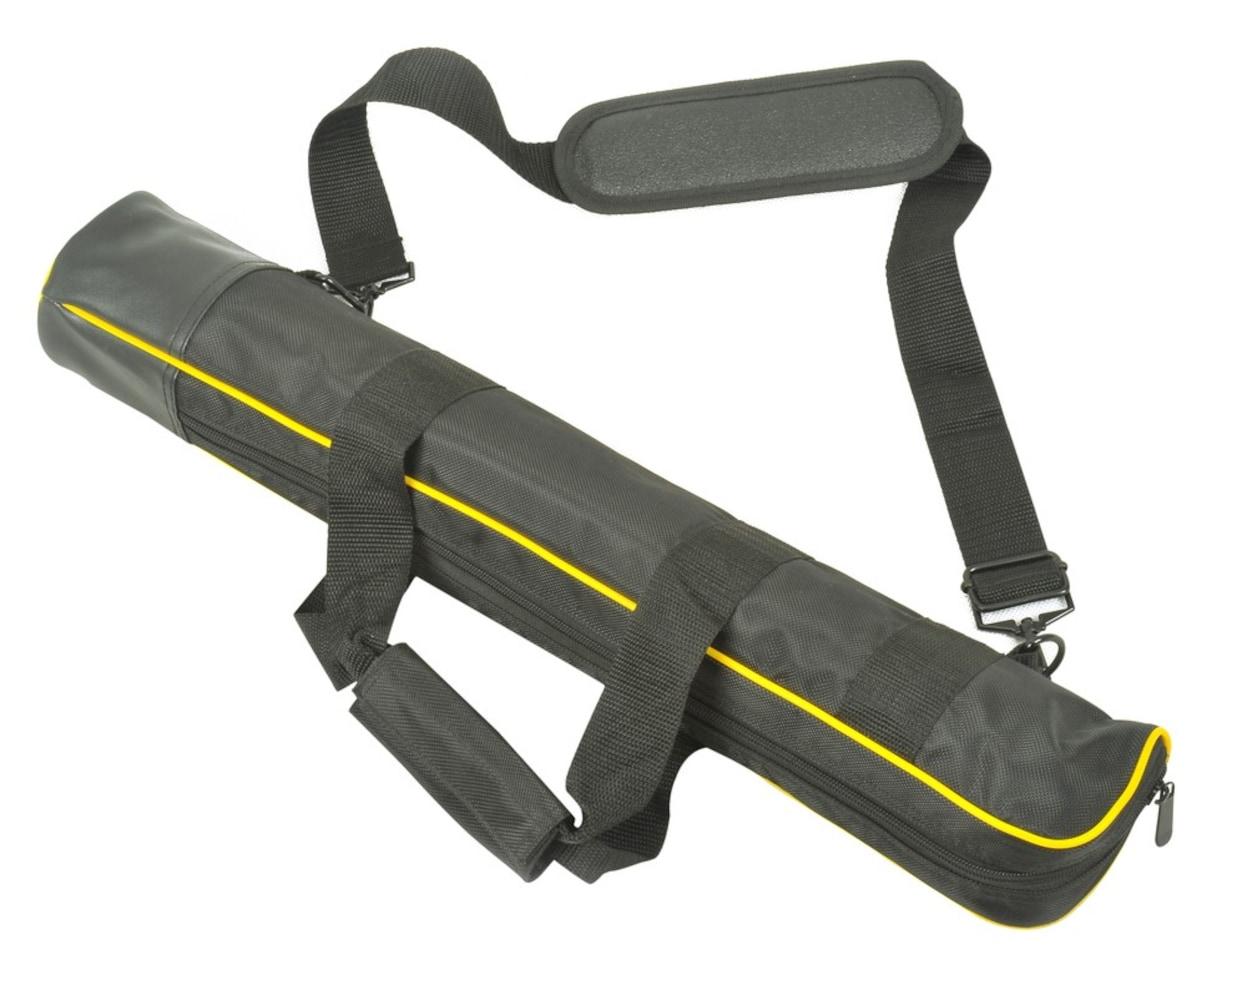 ストラップ|ストラップパッドがついているものだと肩への負担も少ない